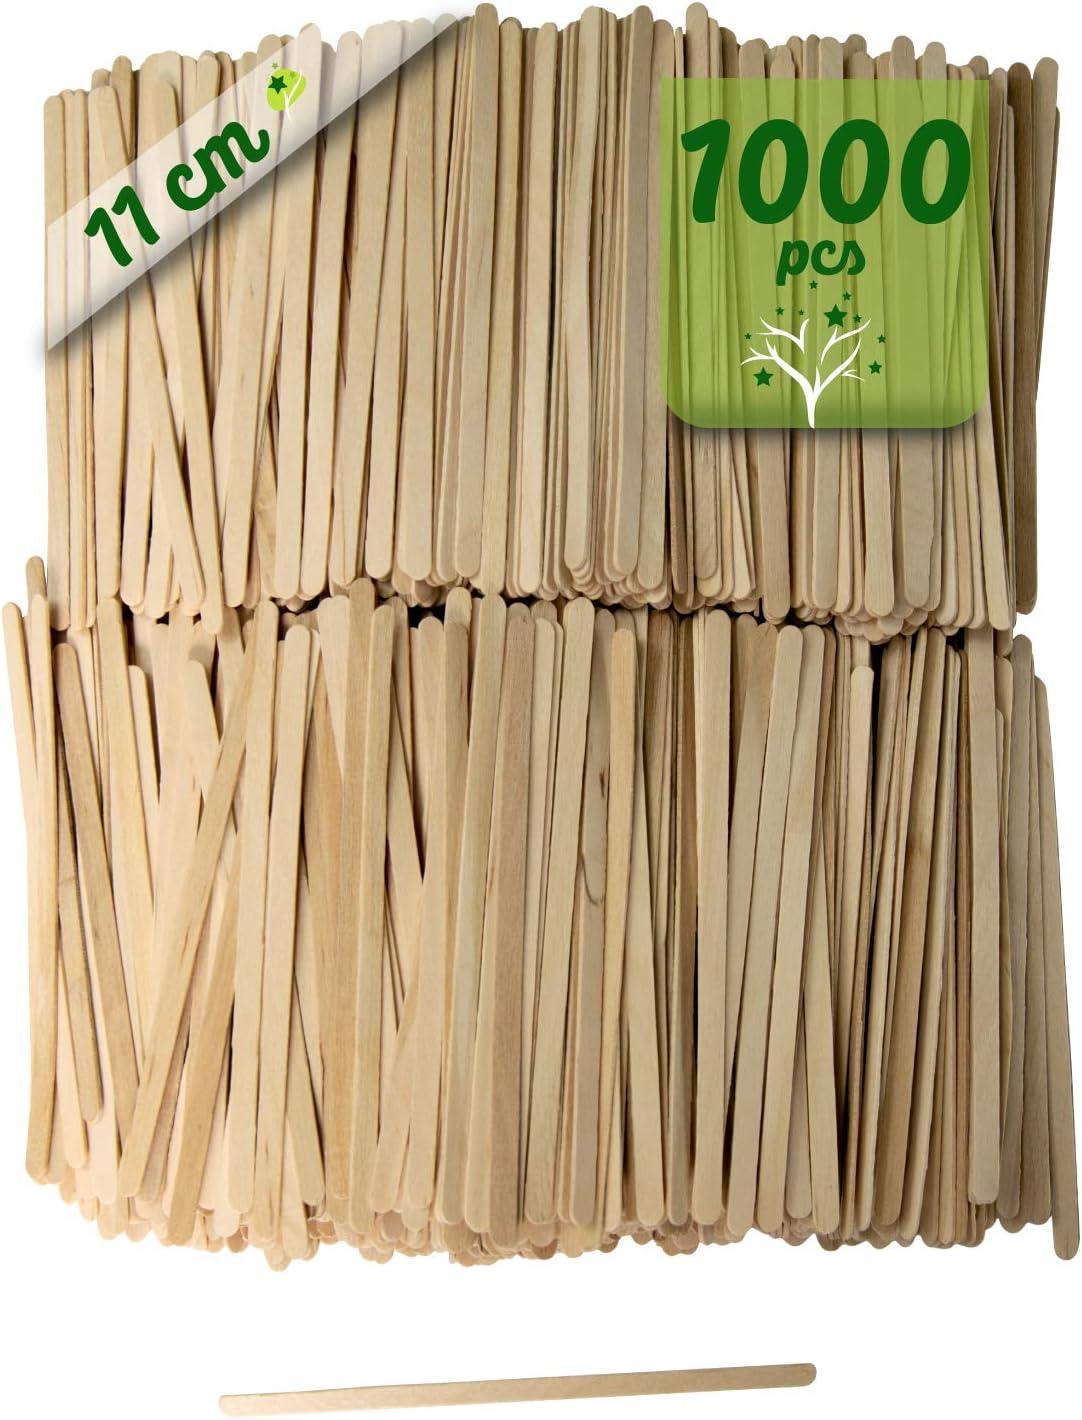 1000 paletinas de café de Madera. Palitos de café Desechables, Palitos removedores de café biodegradables de 11 cm de Longitud, agitadores de café y te.